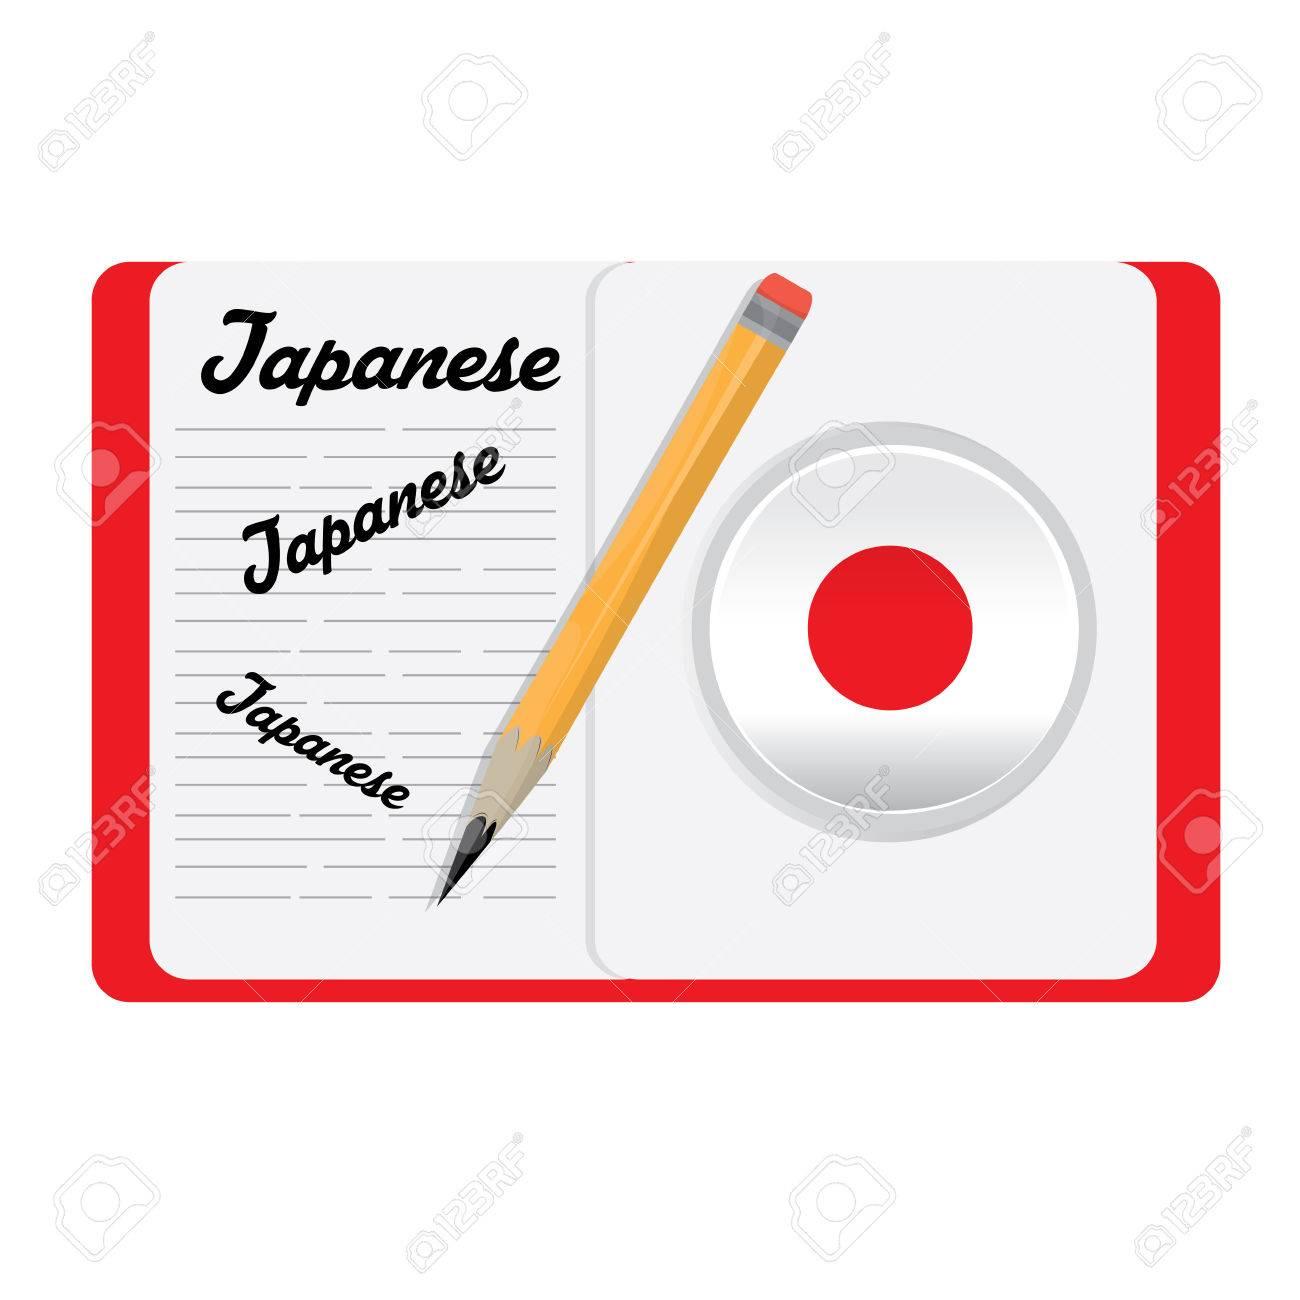 Isolierte Wörterbuch Mit Text, Einem Bleistift Und Einem Japanischen ...